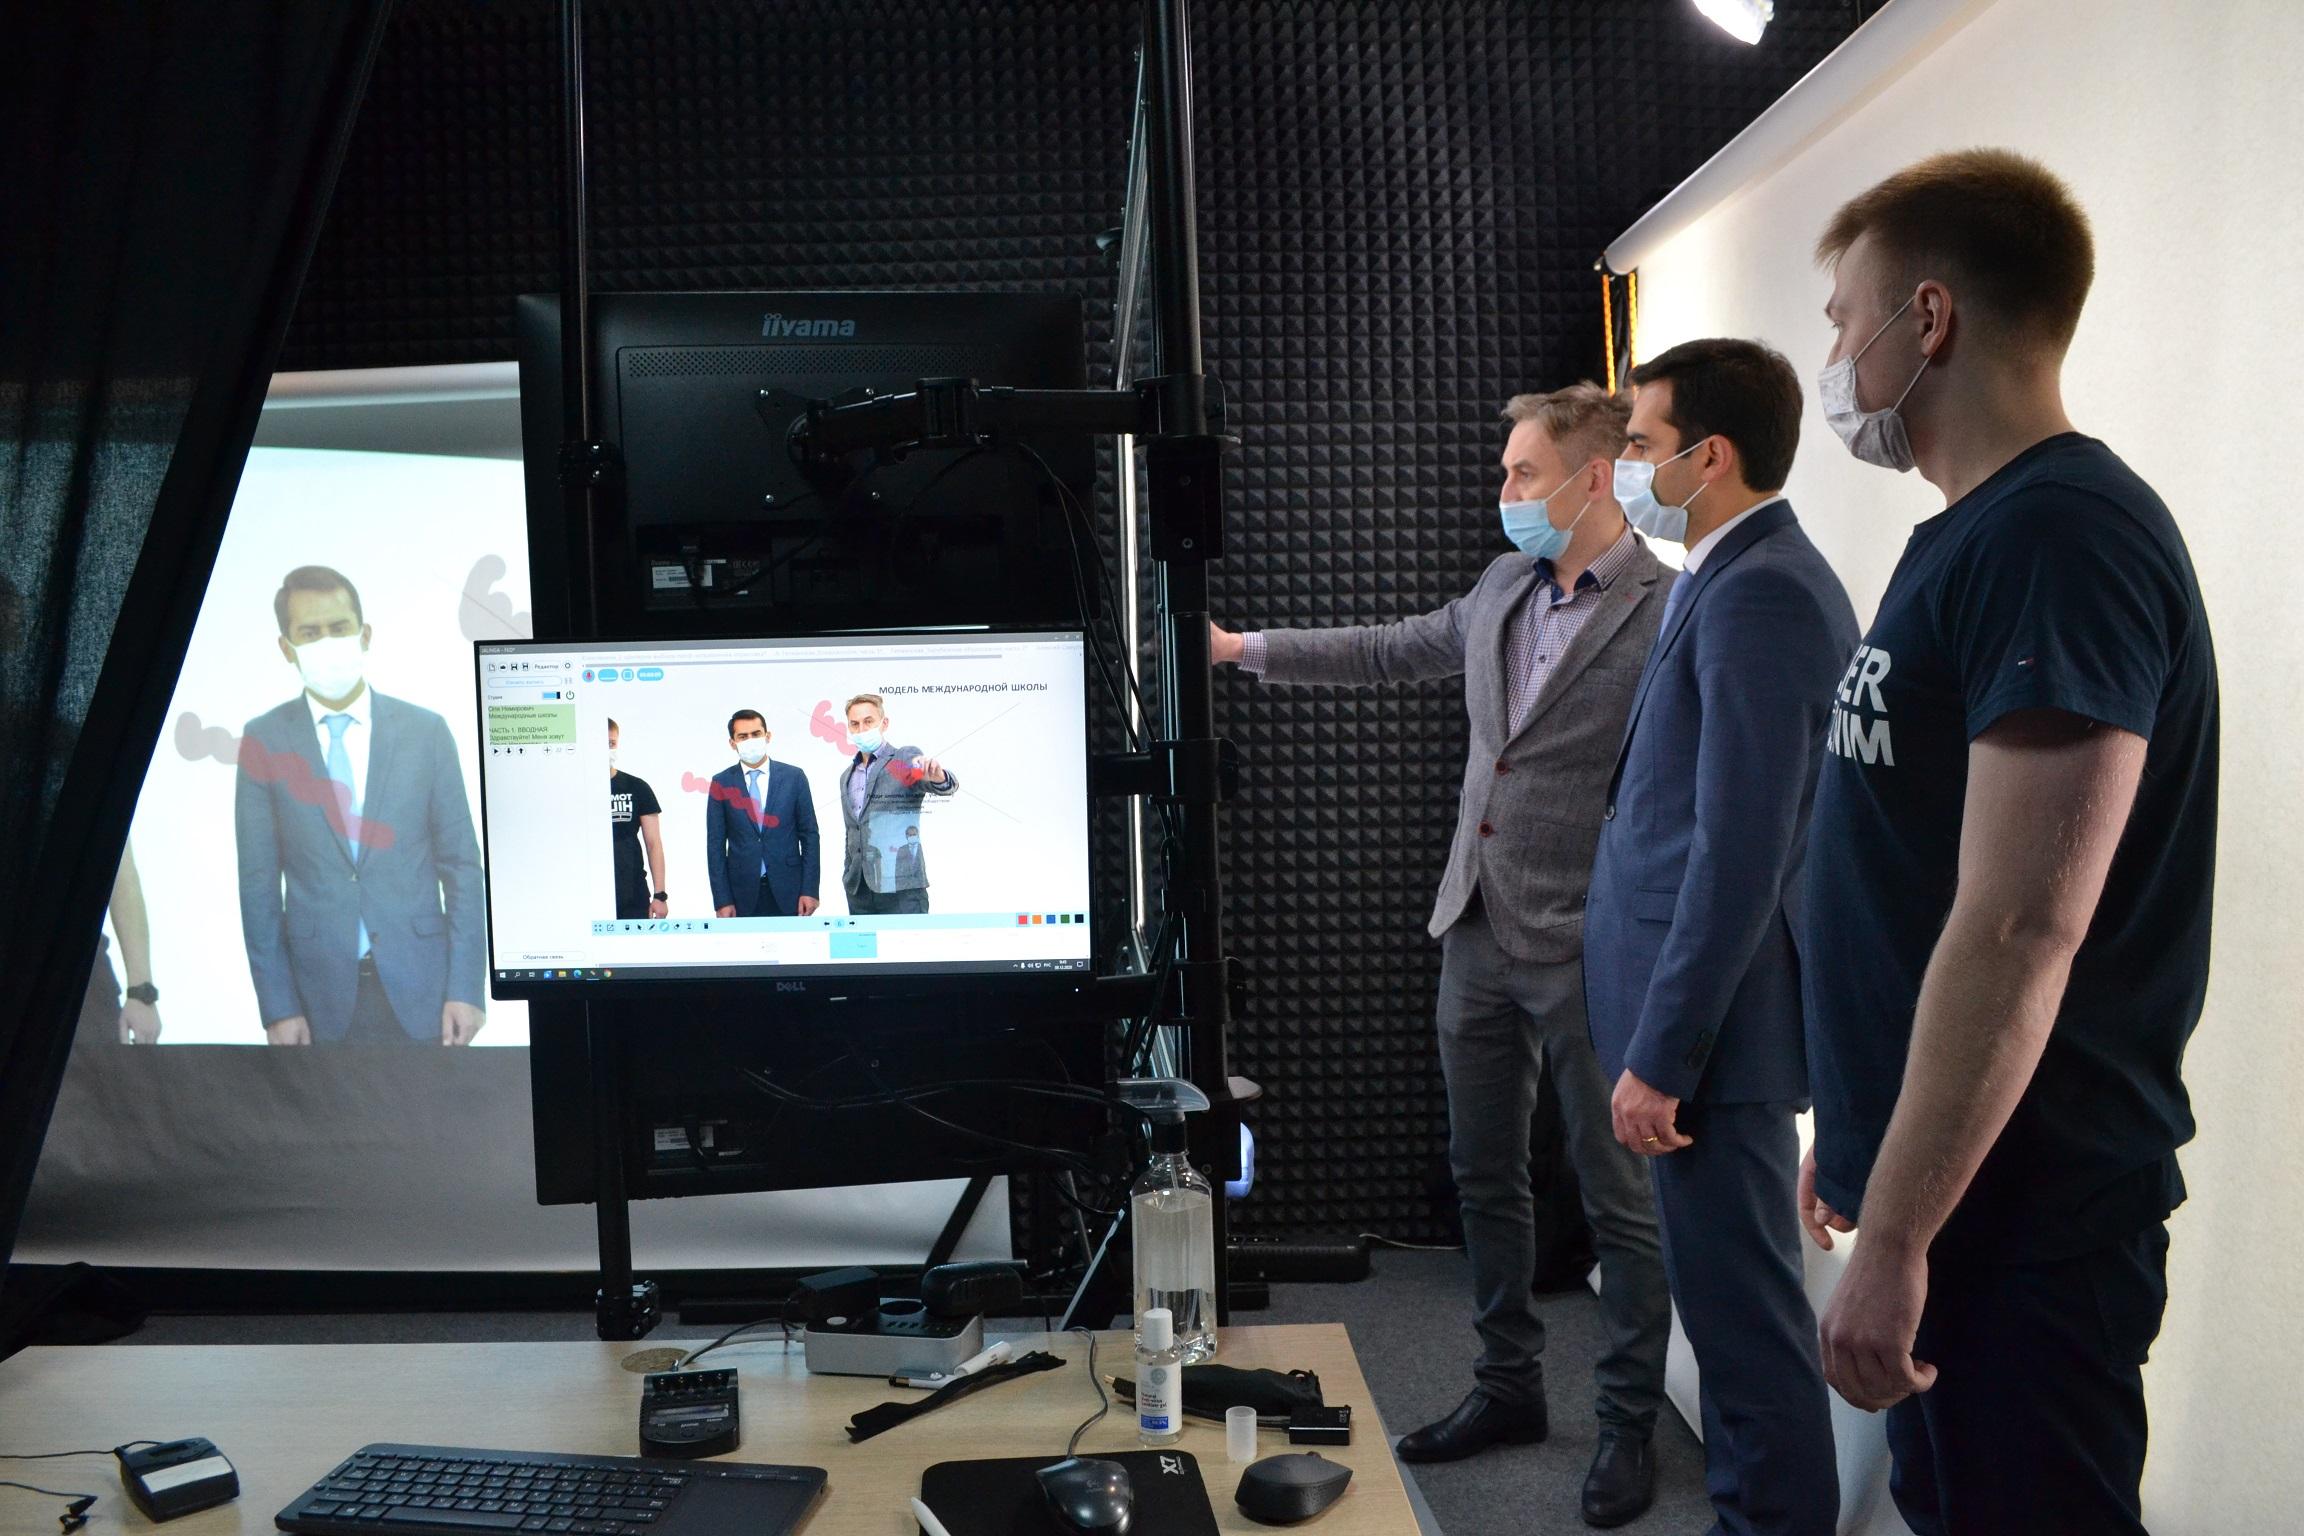 Նախարար Հակոբ Արշակյանը ՌԴ աշխատանքային այցի ընթացքում հանդիպումներ է ունեցել ռուսաստանաբնակ հայ գործարարների հետ